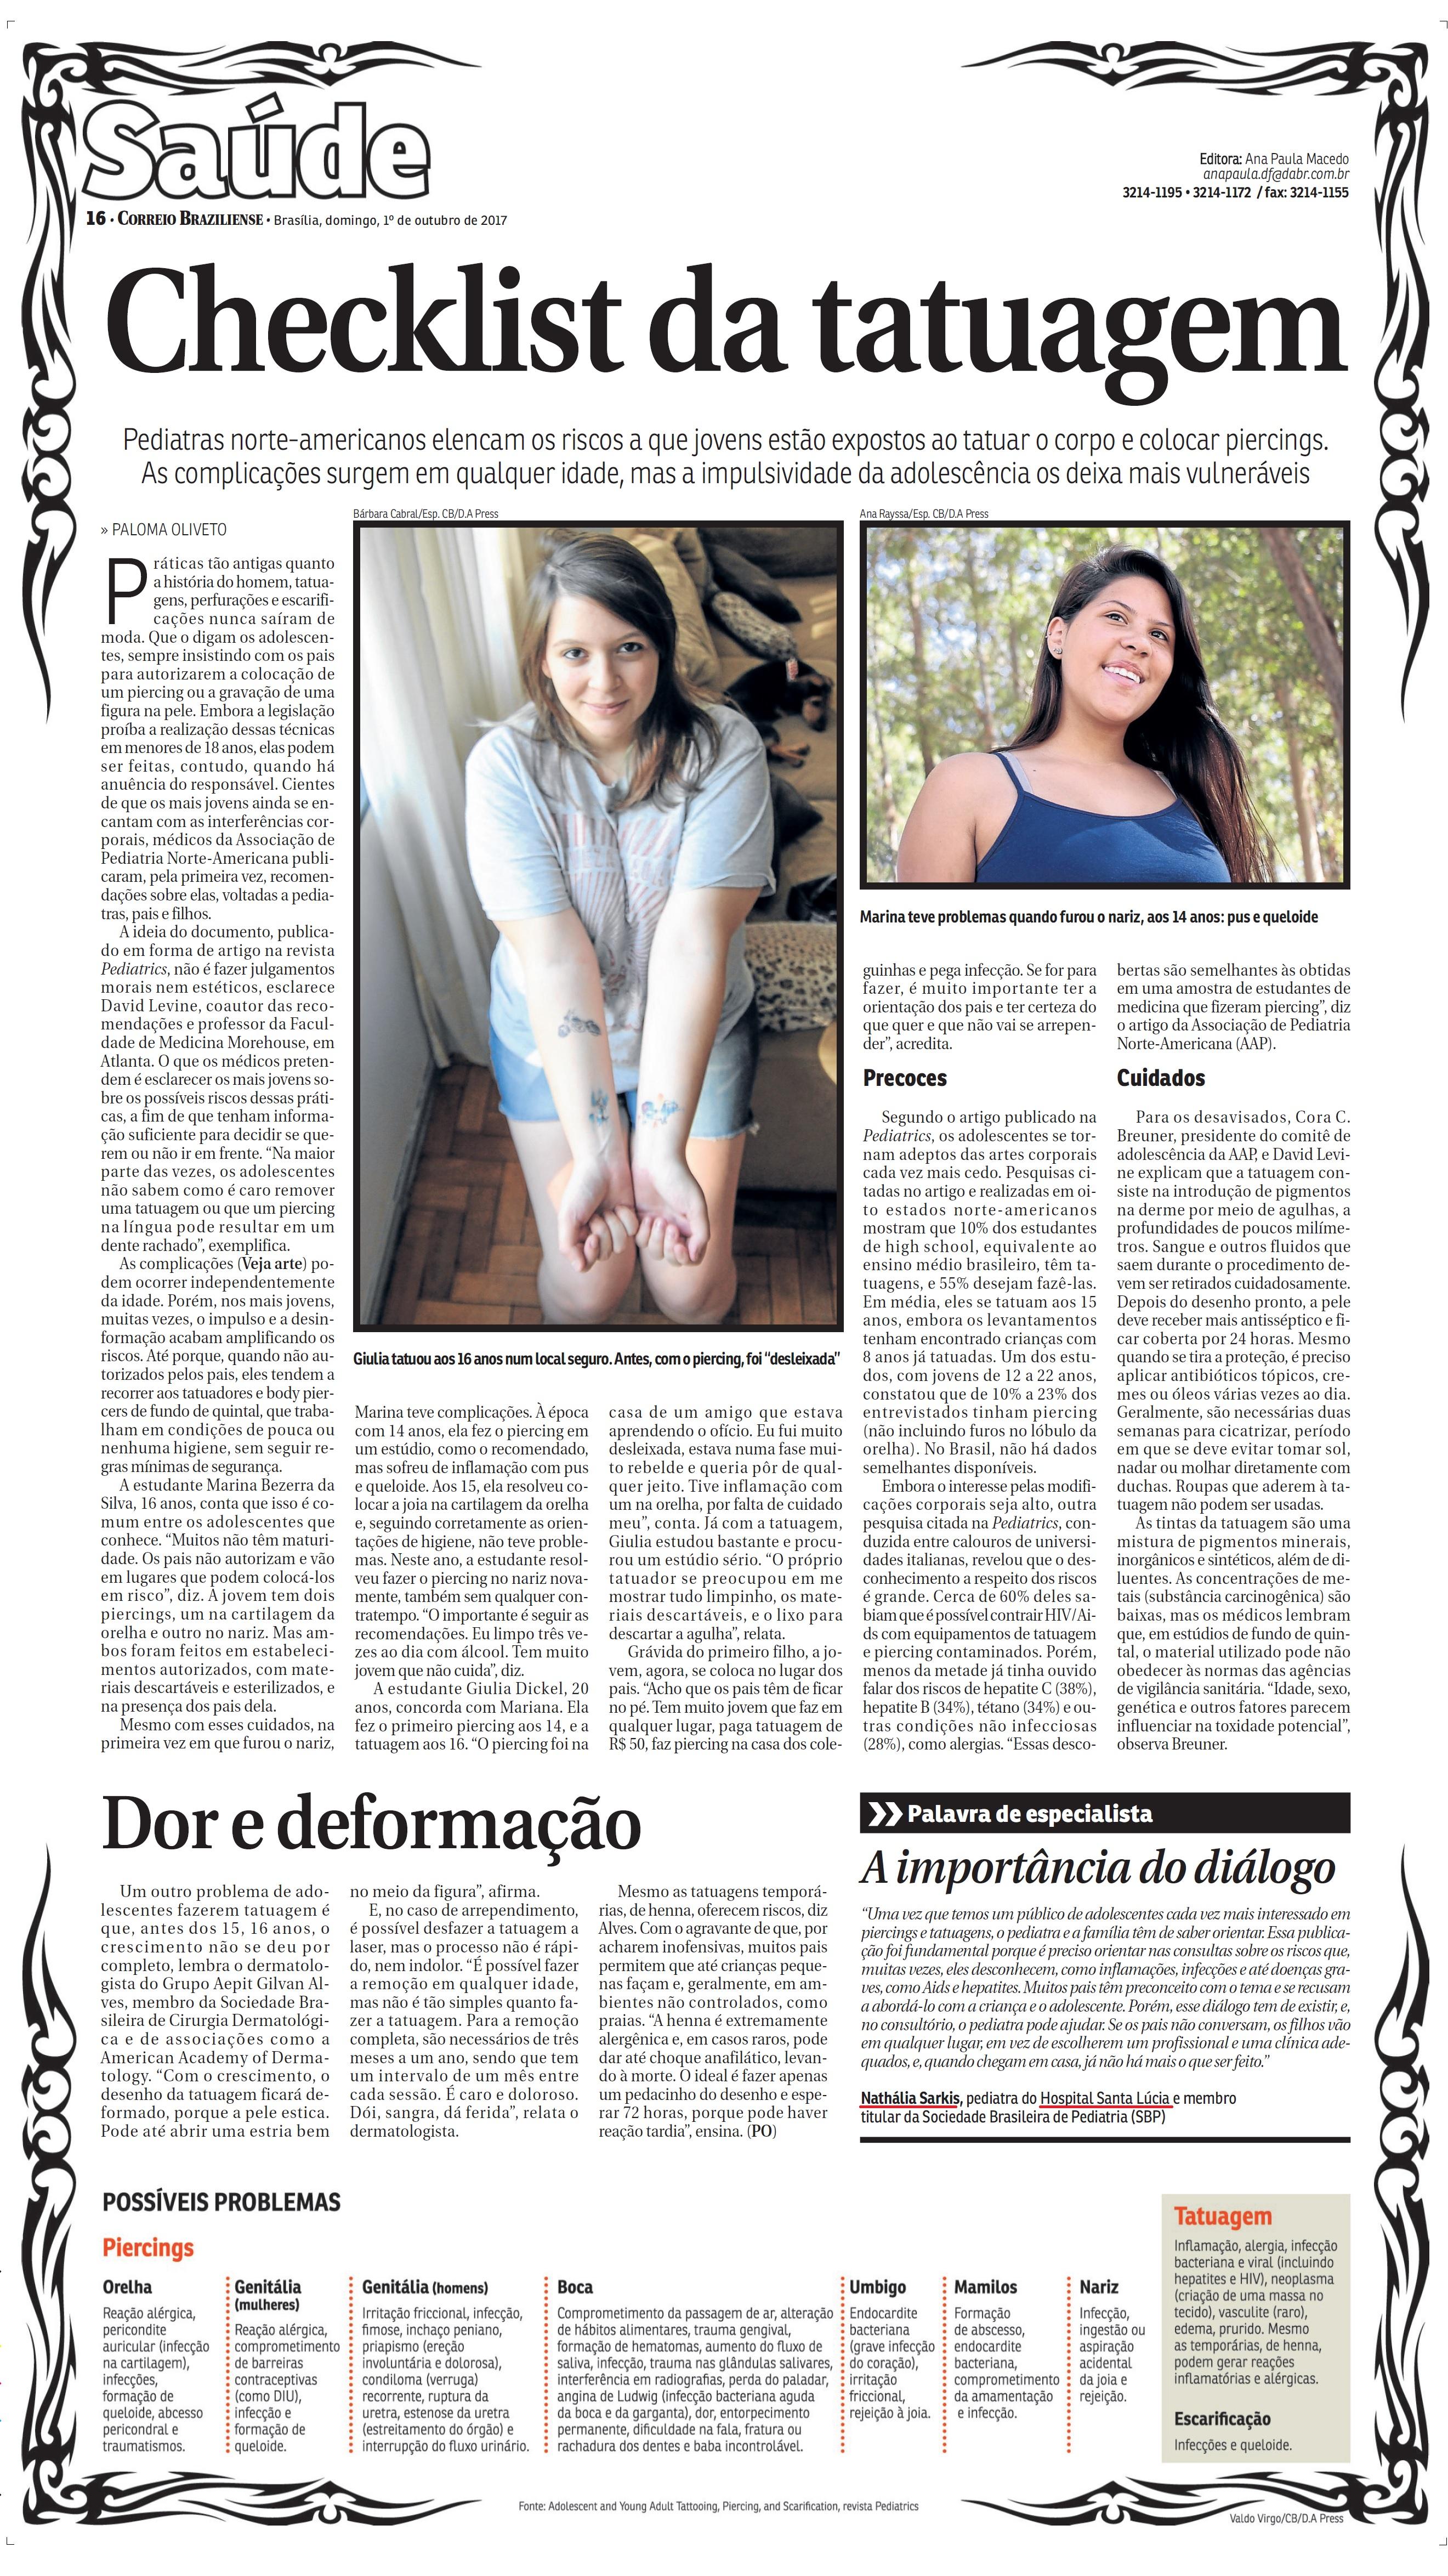 Correio Braziliense - Dra. Nathália Sarkis HSL - 02-10-2017